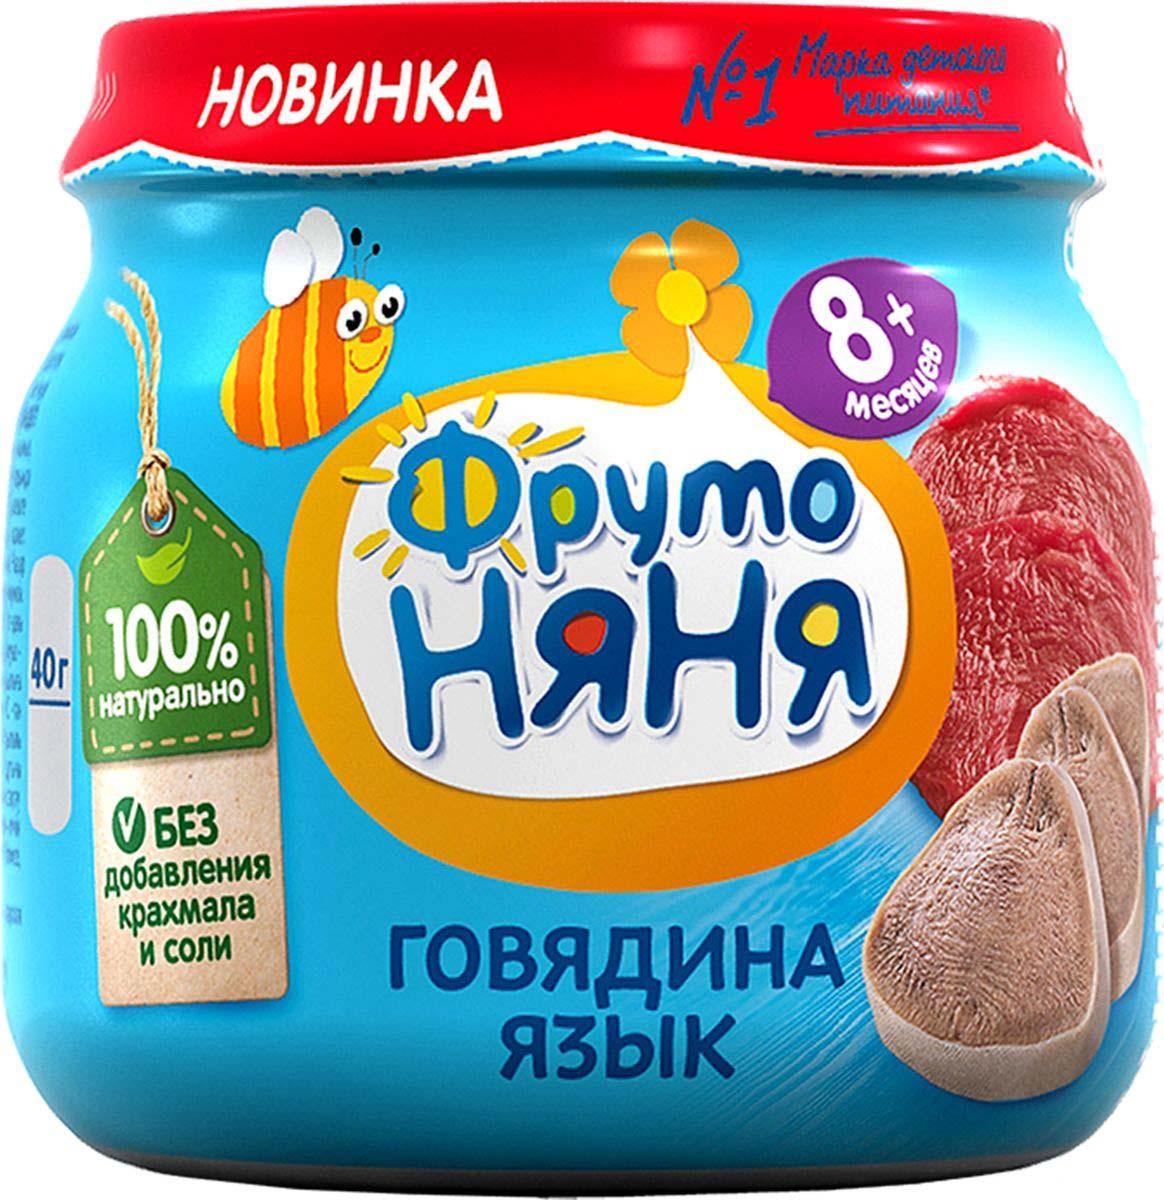 ФрутоНяня пюре говядина и язык с 8 месяцев, 80 г какие игрушки интересны для малыша 8 месяцев фото